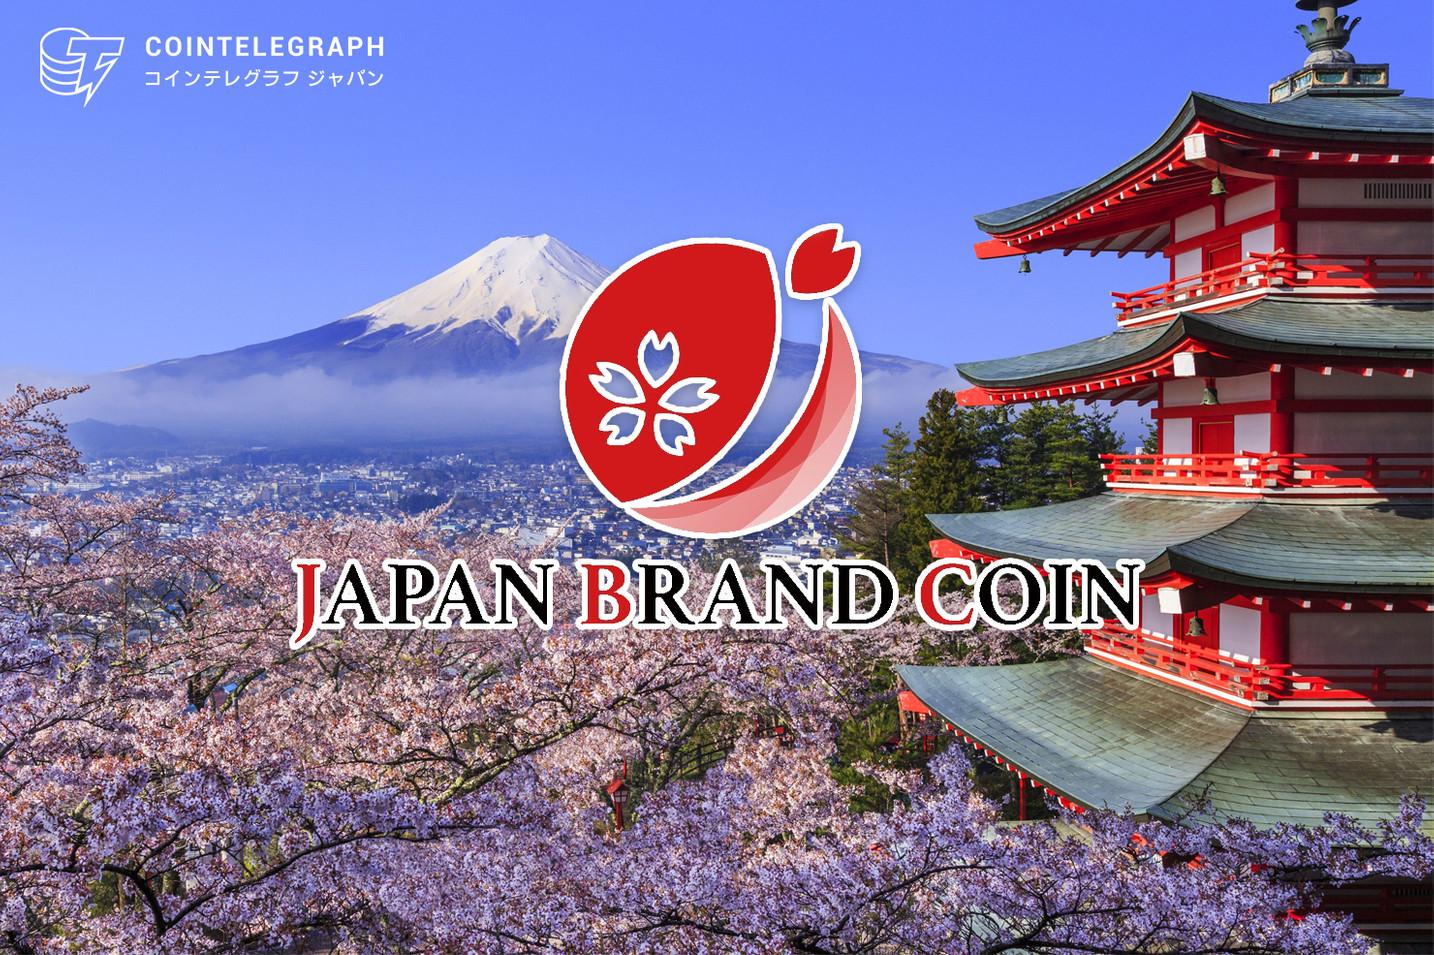 日本の独特の文化である「間」を元に作られた「JBCOIN」が作る新しい経済圏